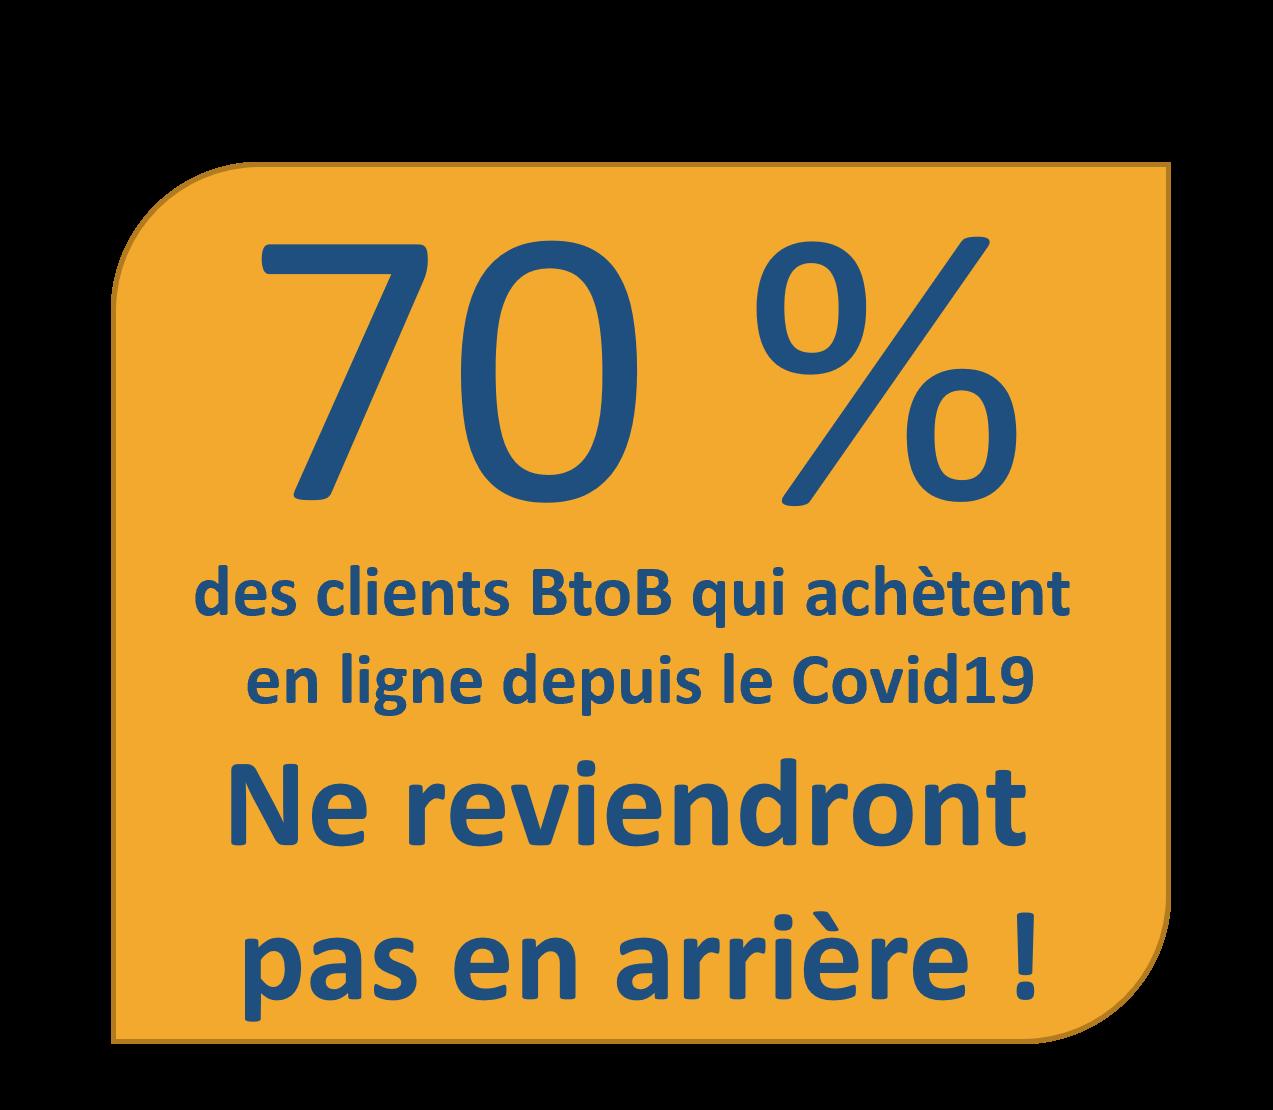 70% des clients BtoB achètent en ligne - fevad 2021